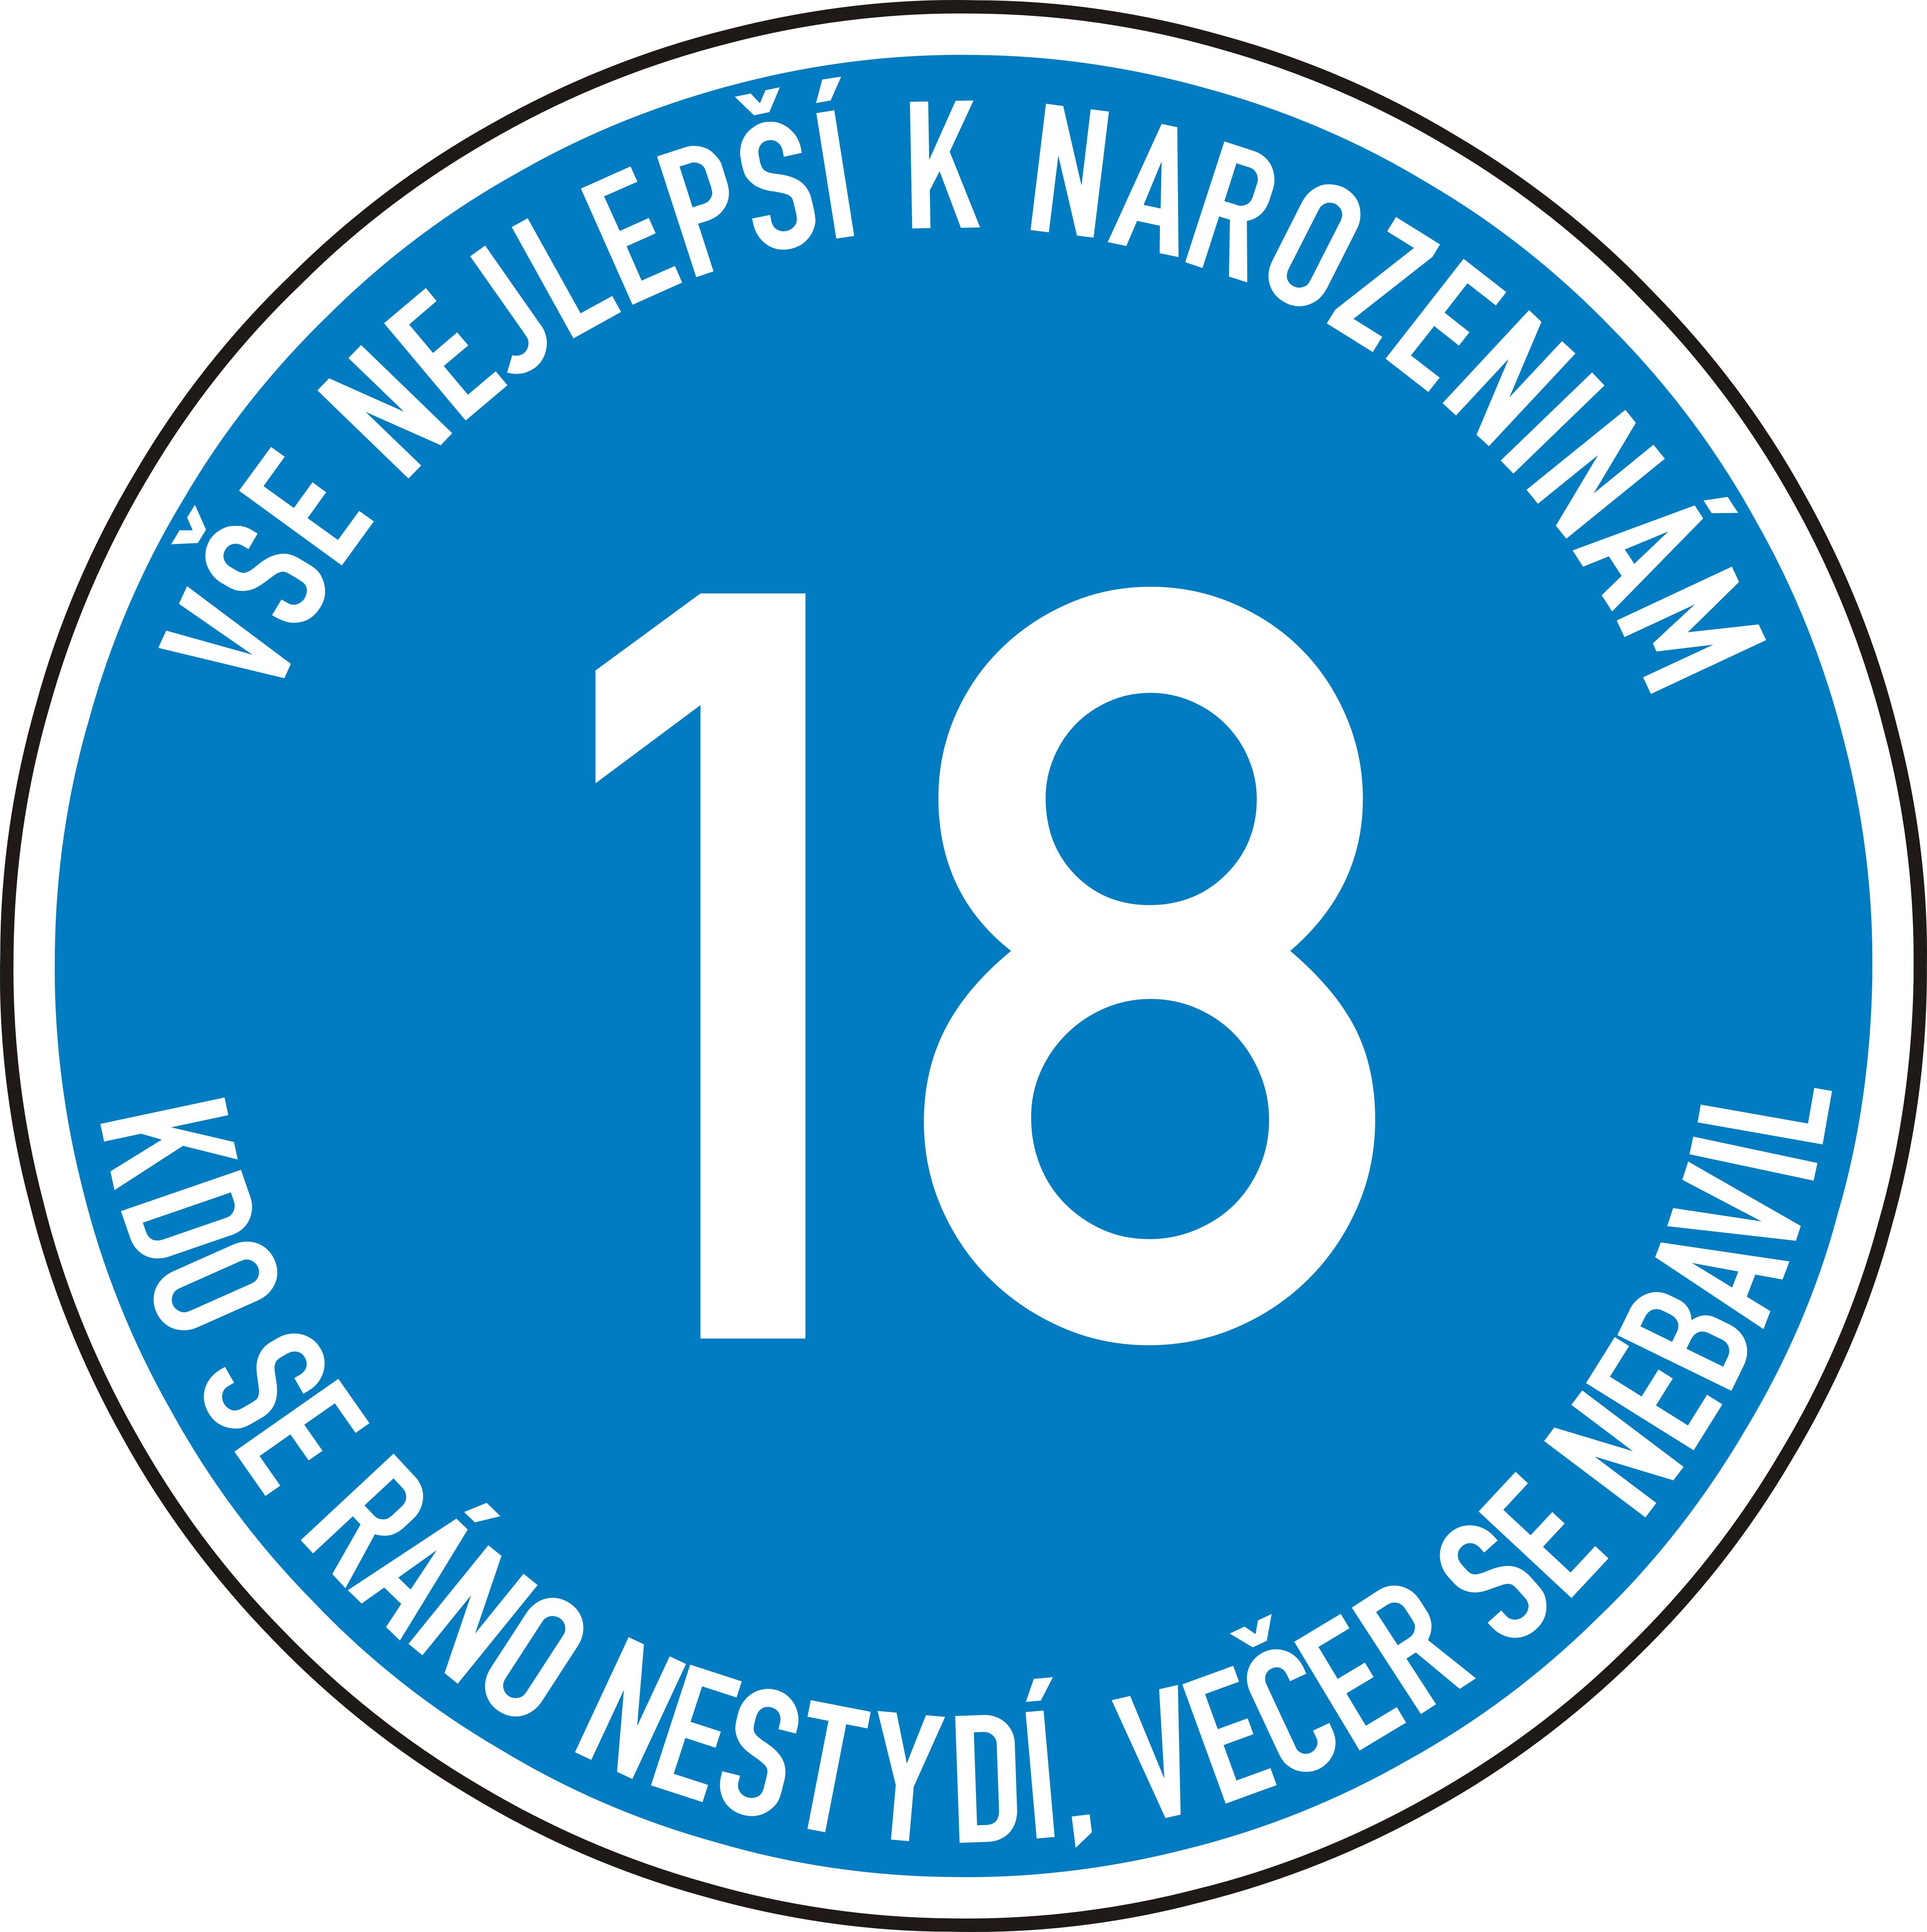 Narozeninová dopravní značka - Standard 2